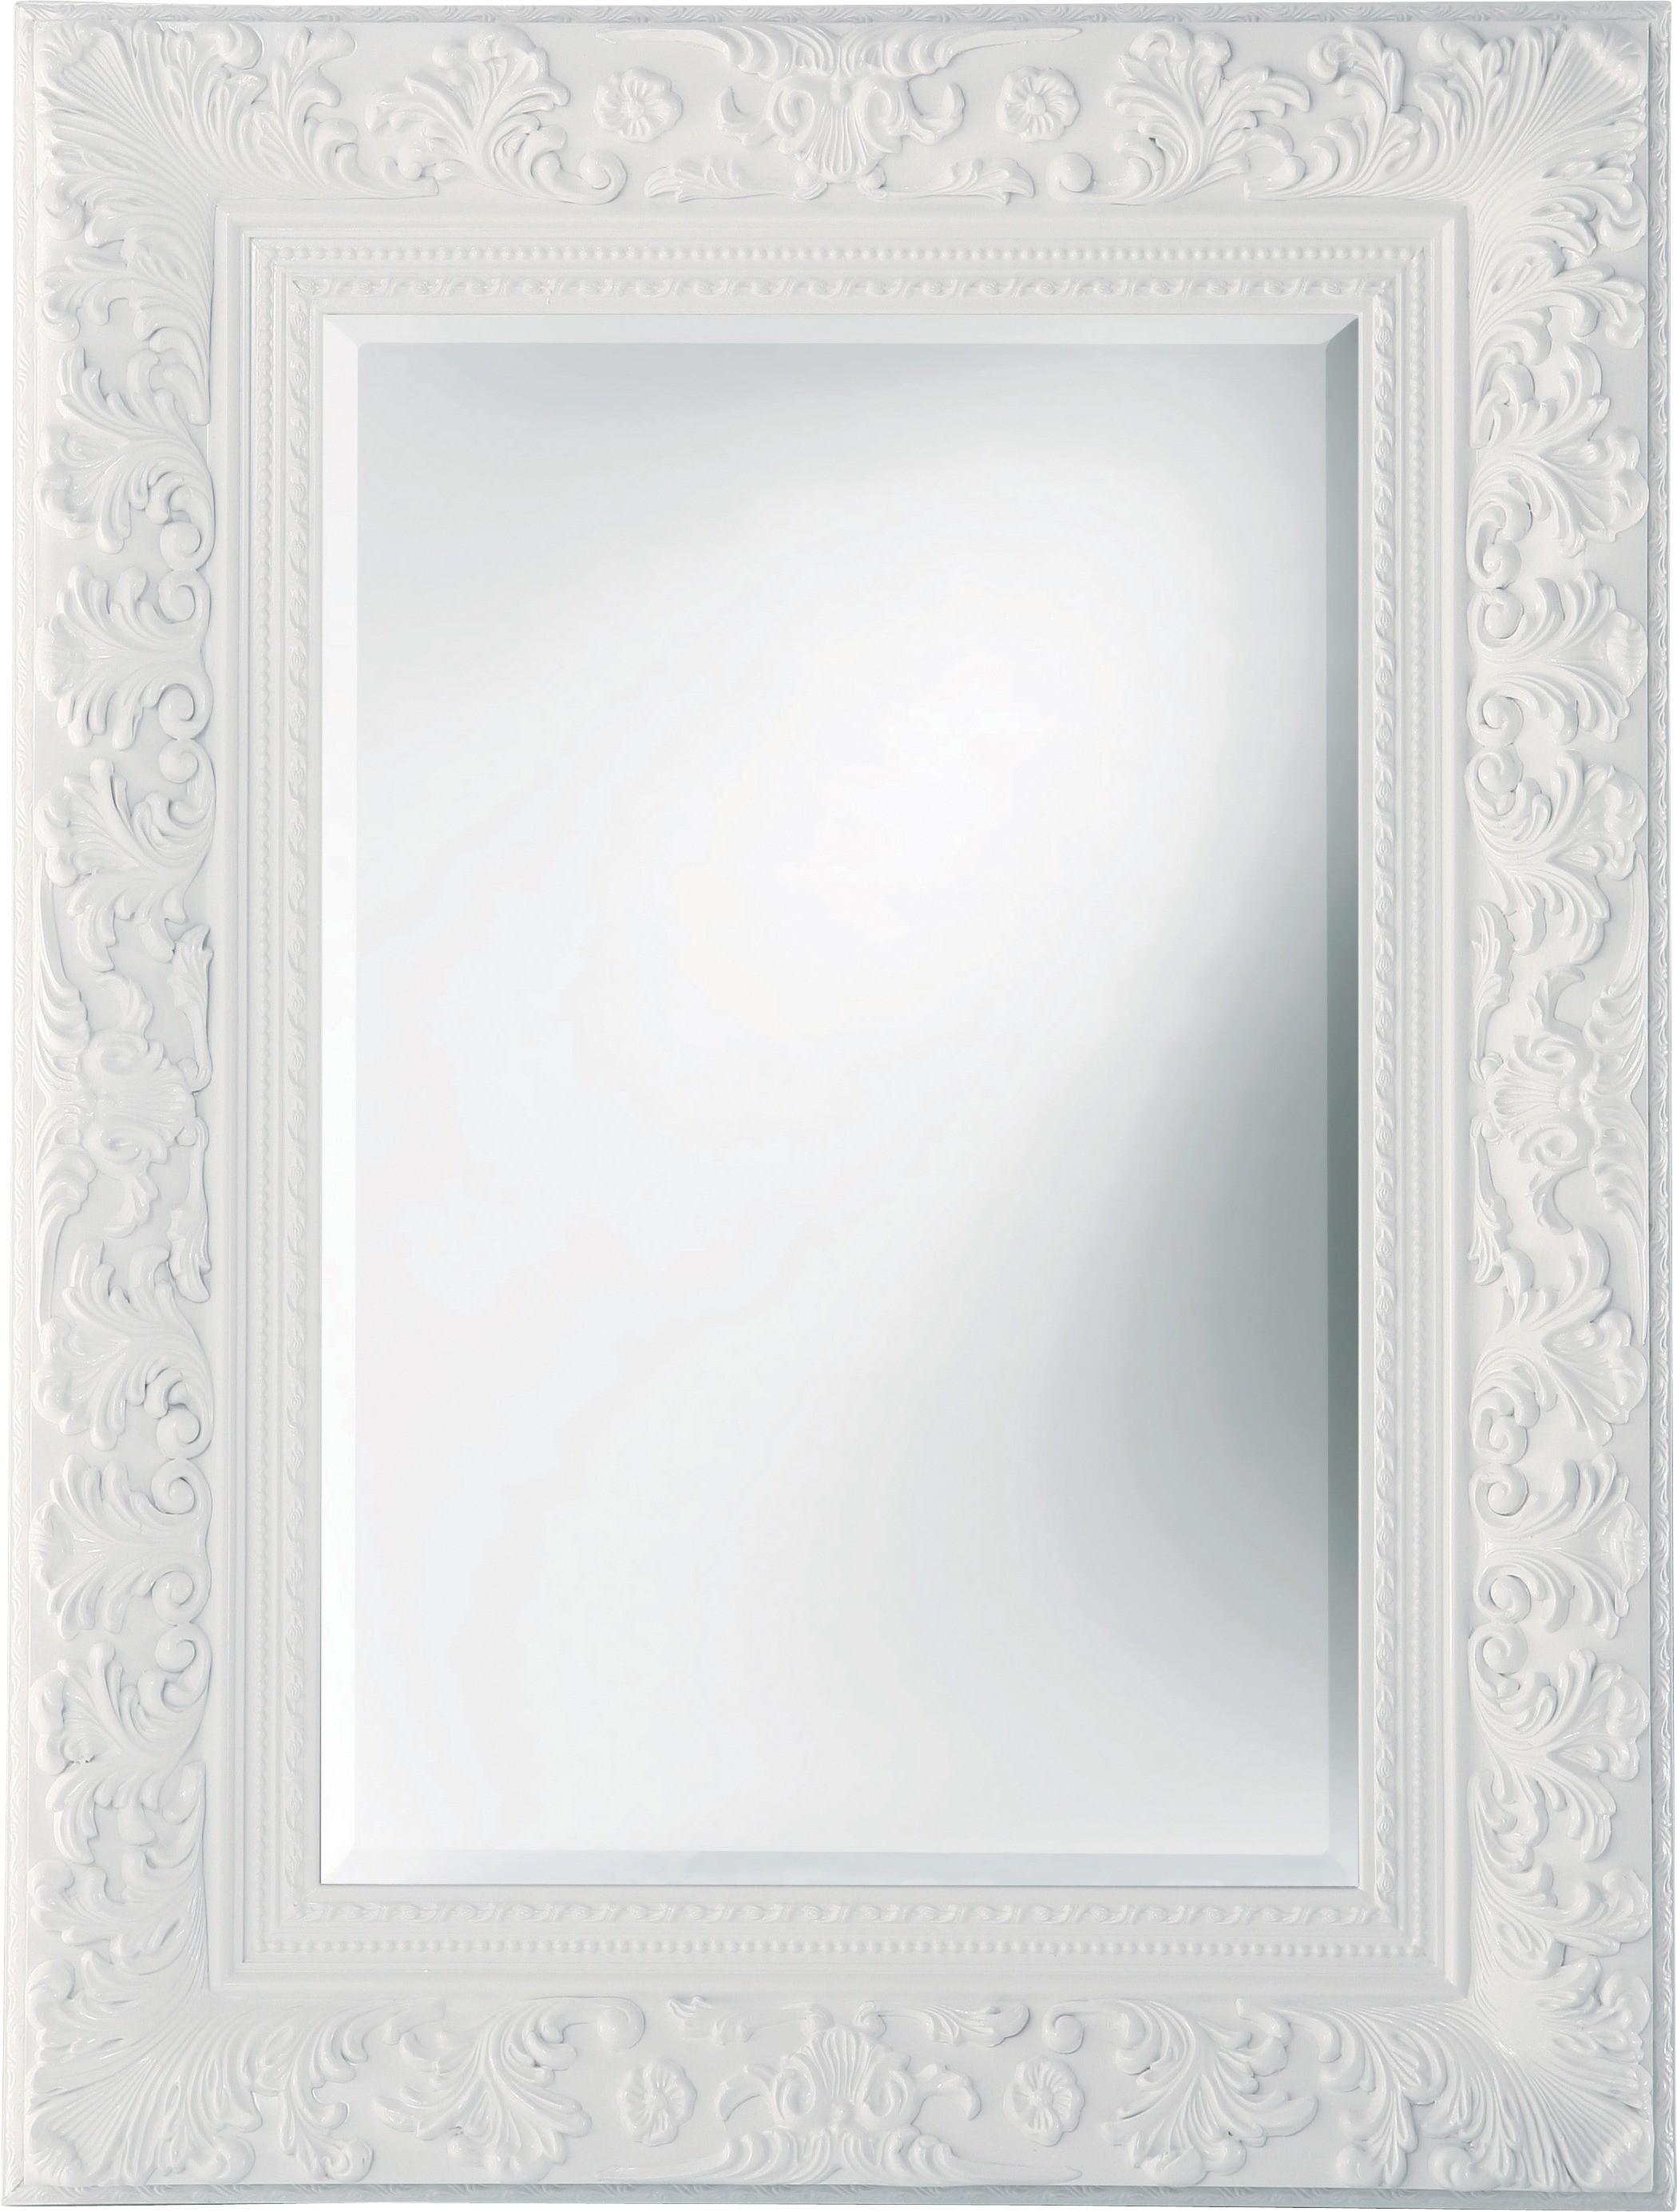 Vente miroir tritoo maison et jardin for Miroir enigma